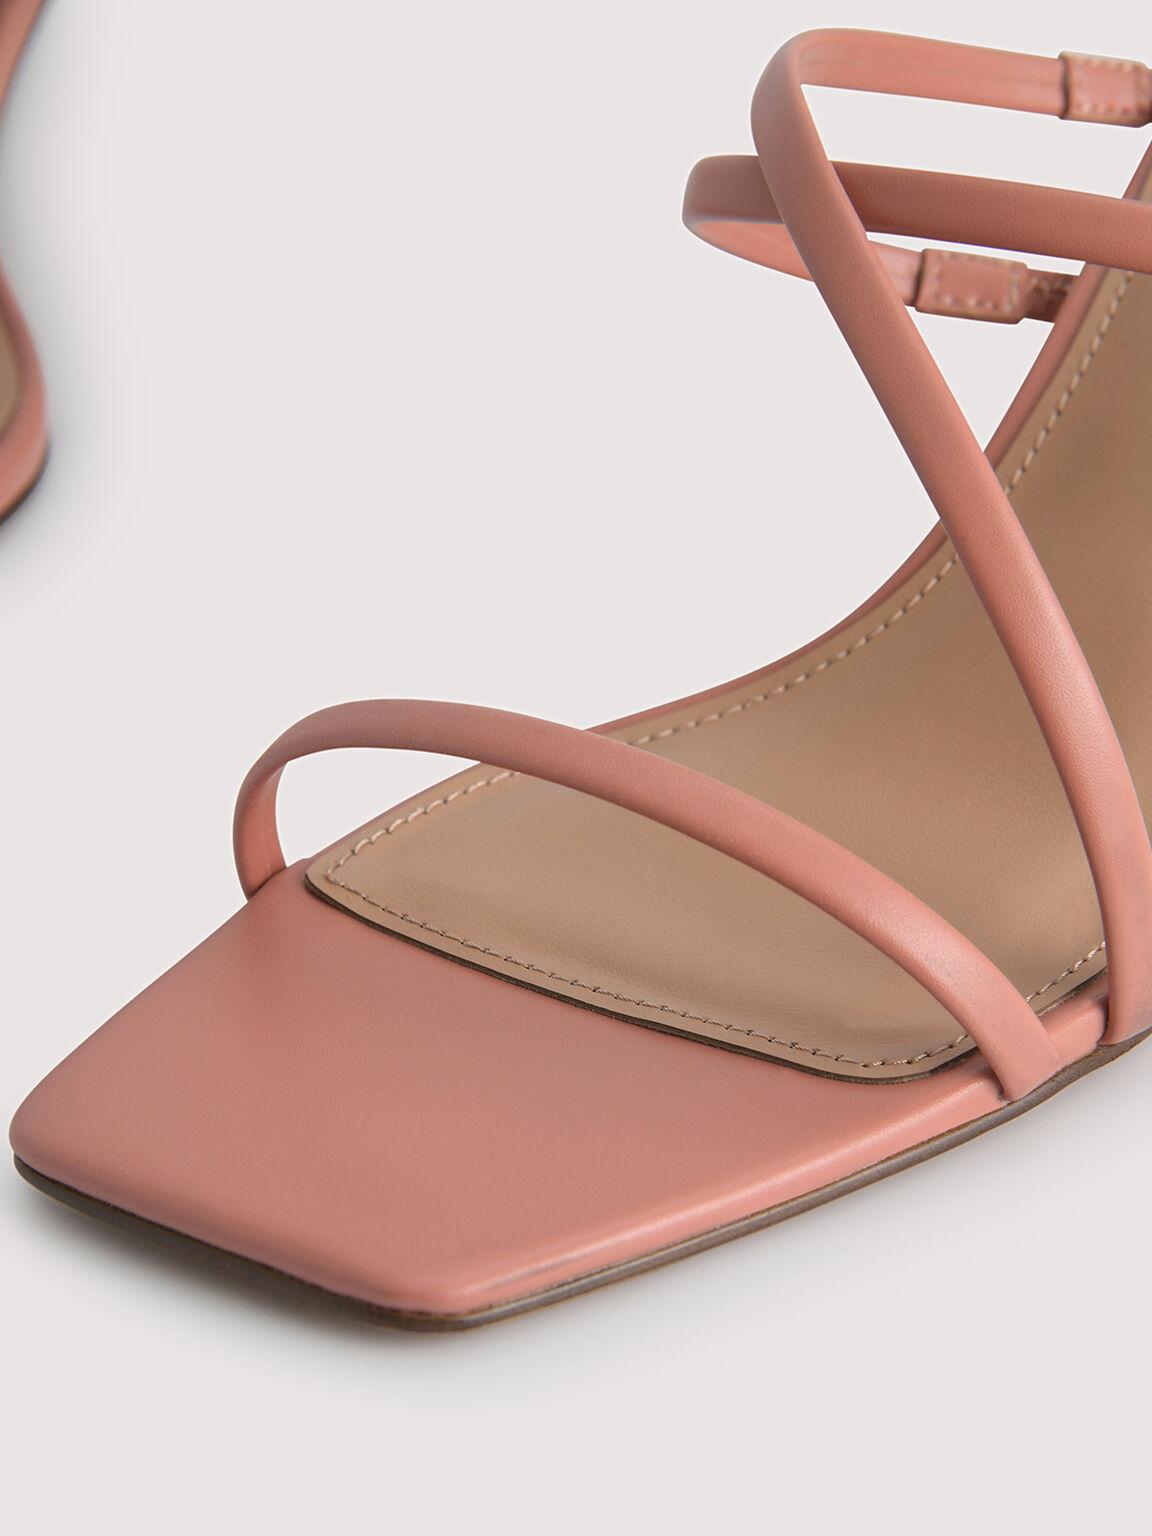 Strappy Heel Sandals, Coral, hi-res